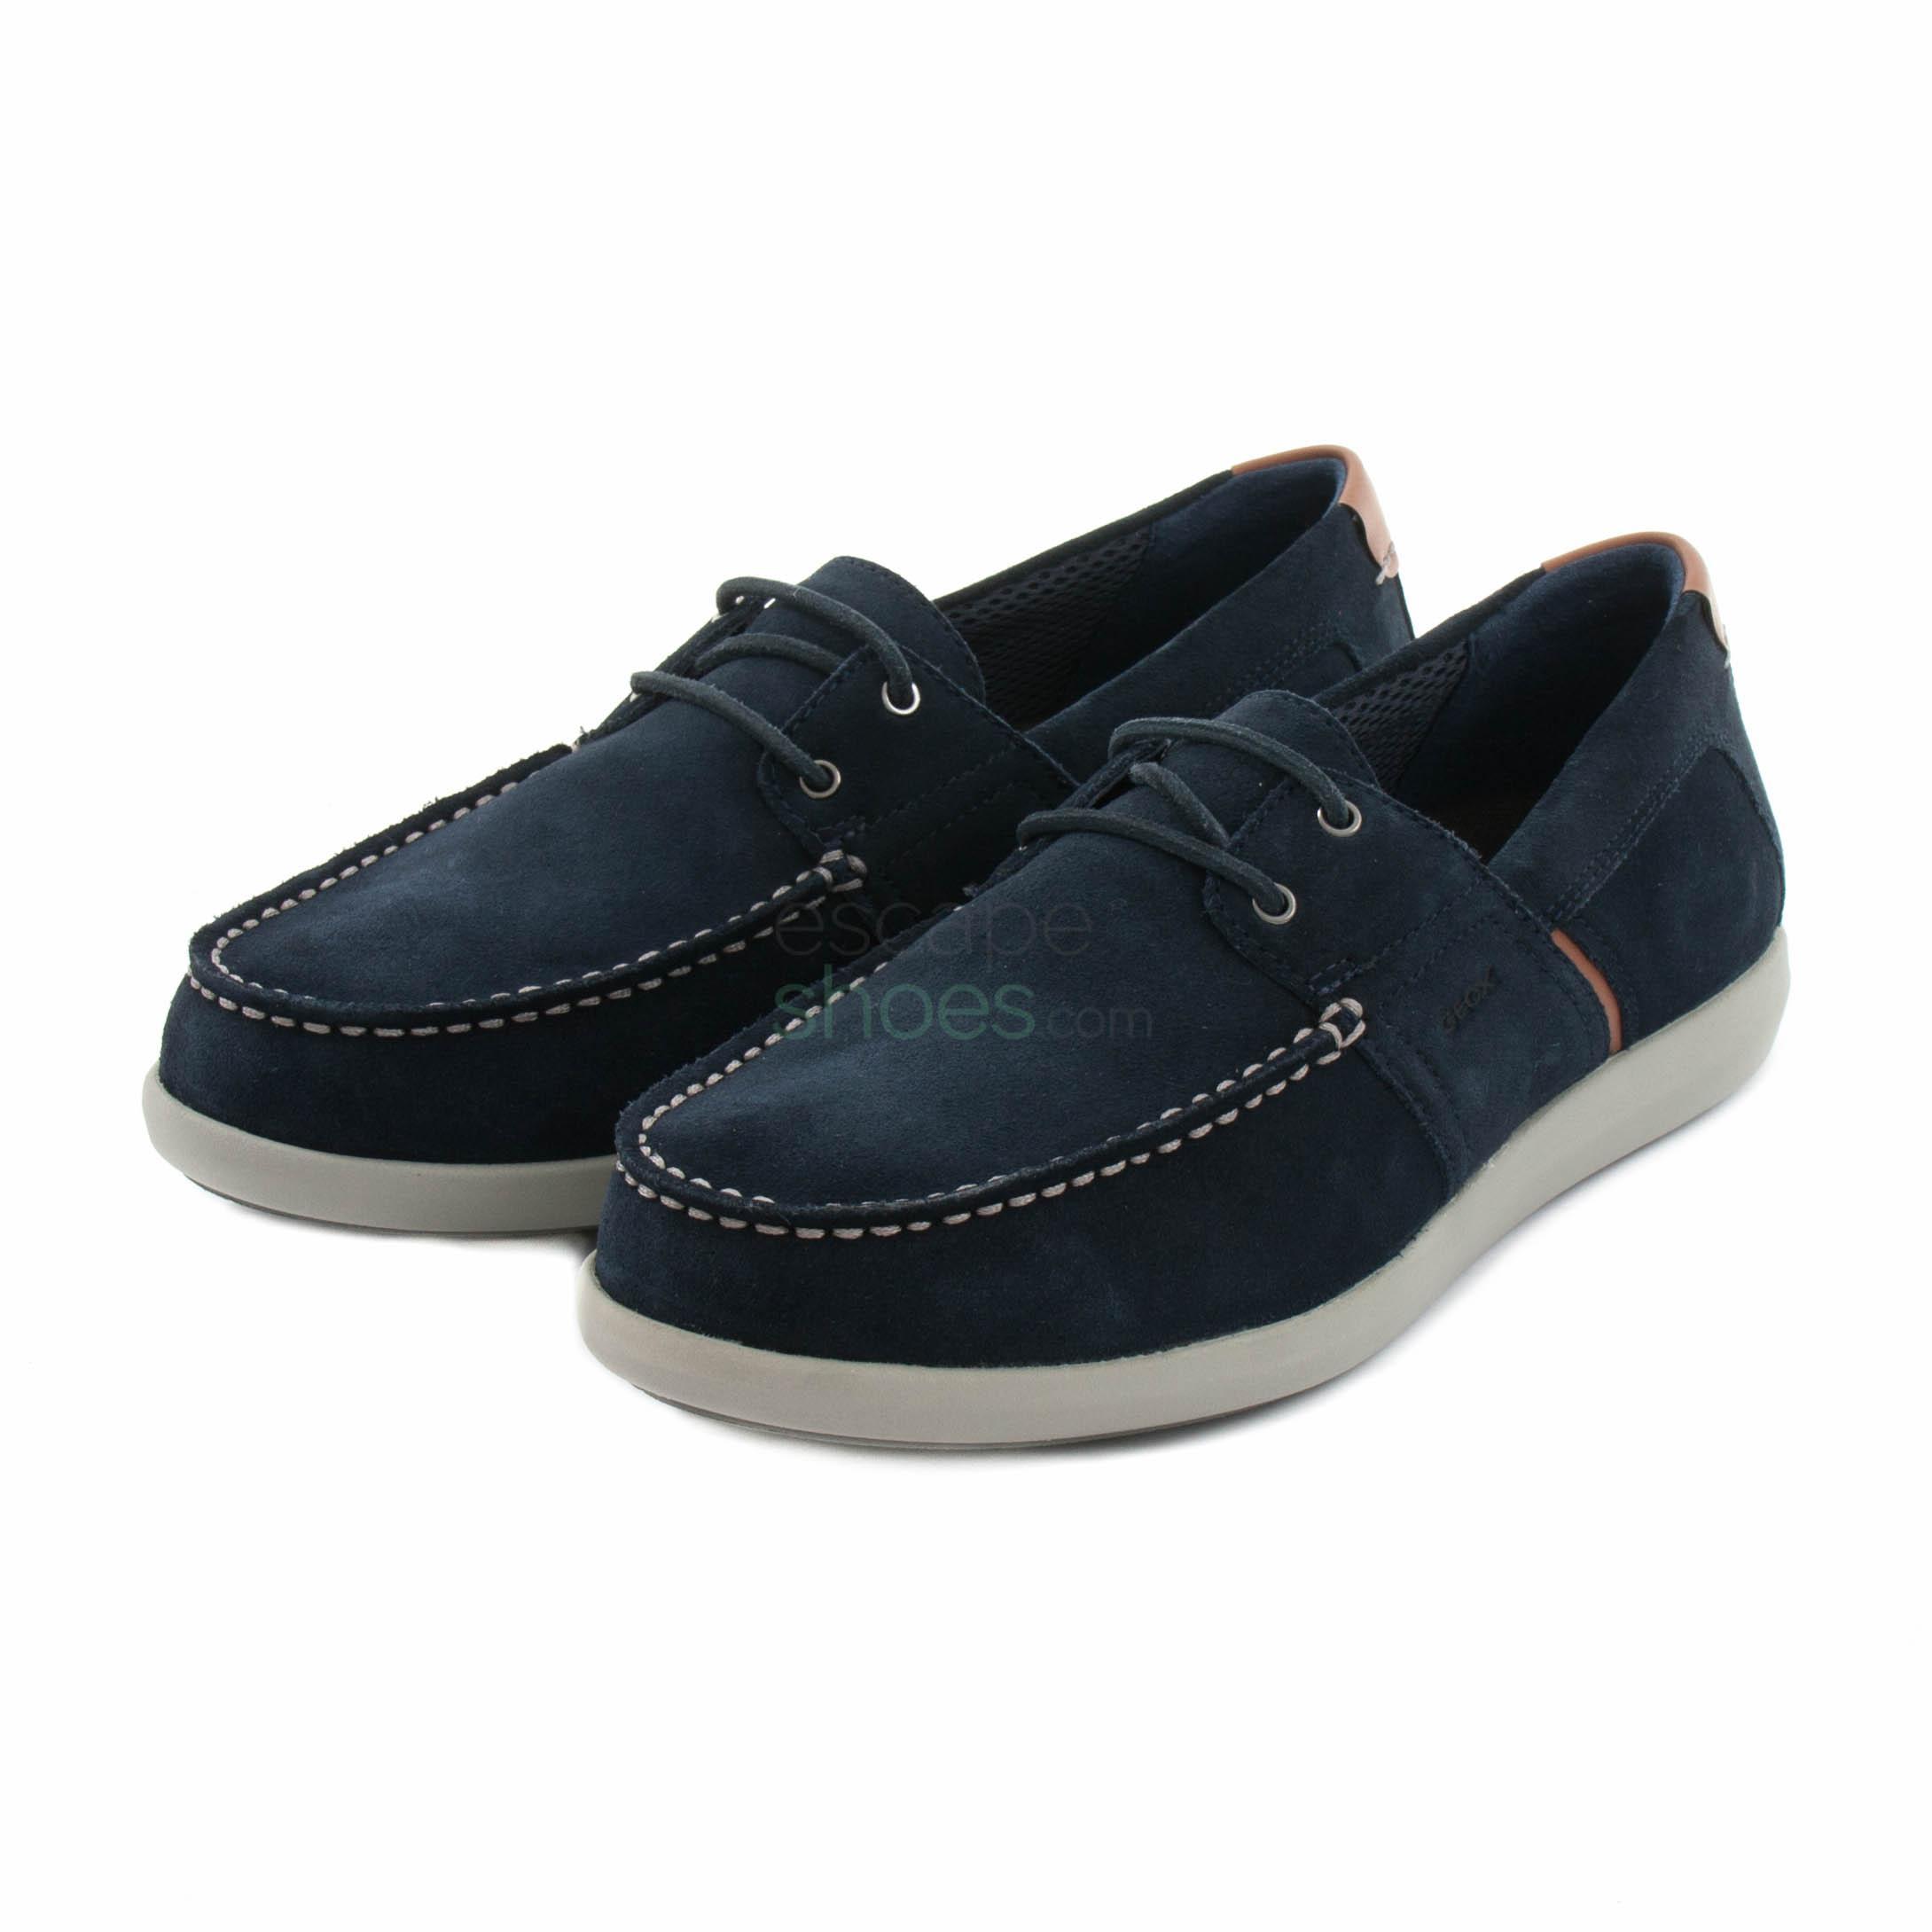 b284cd5a Compra aquí tus Zapatos GEOX Yooking Azul Marino | Tienda Online ...